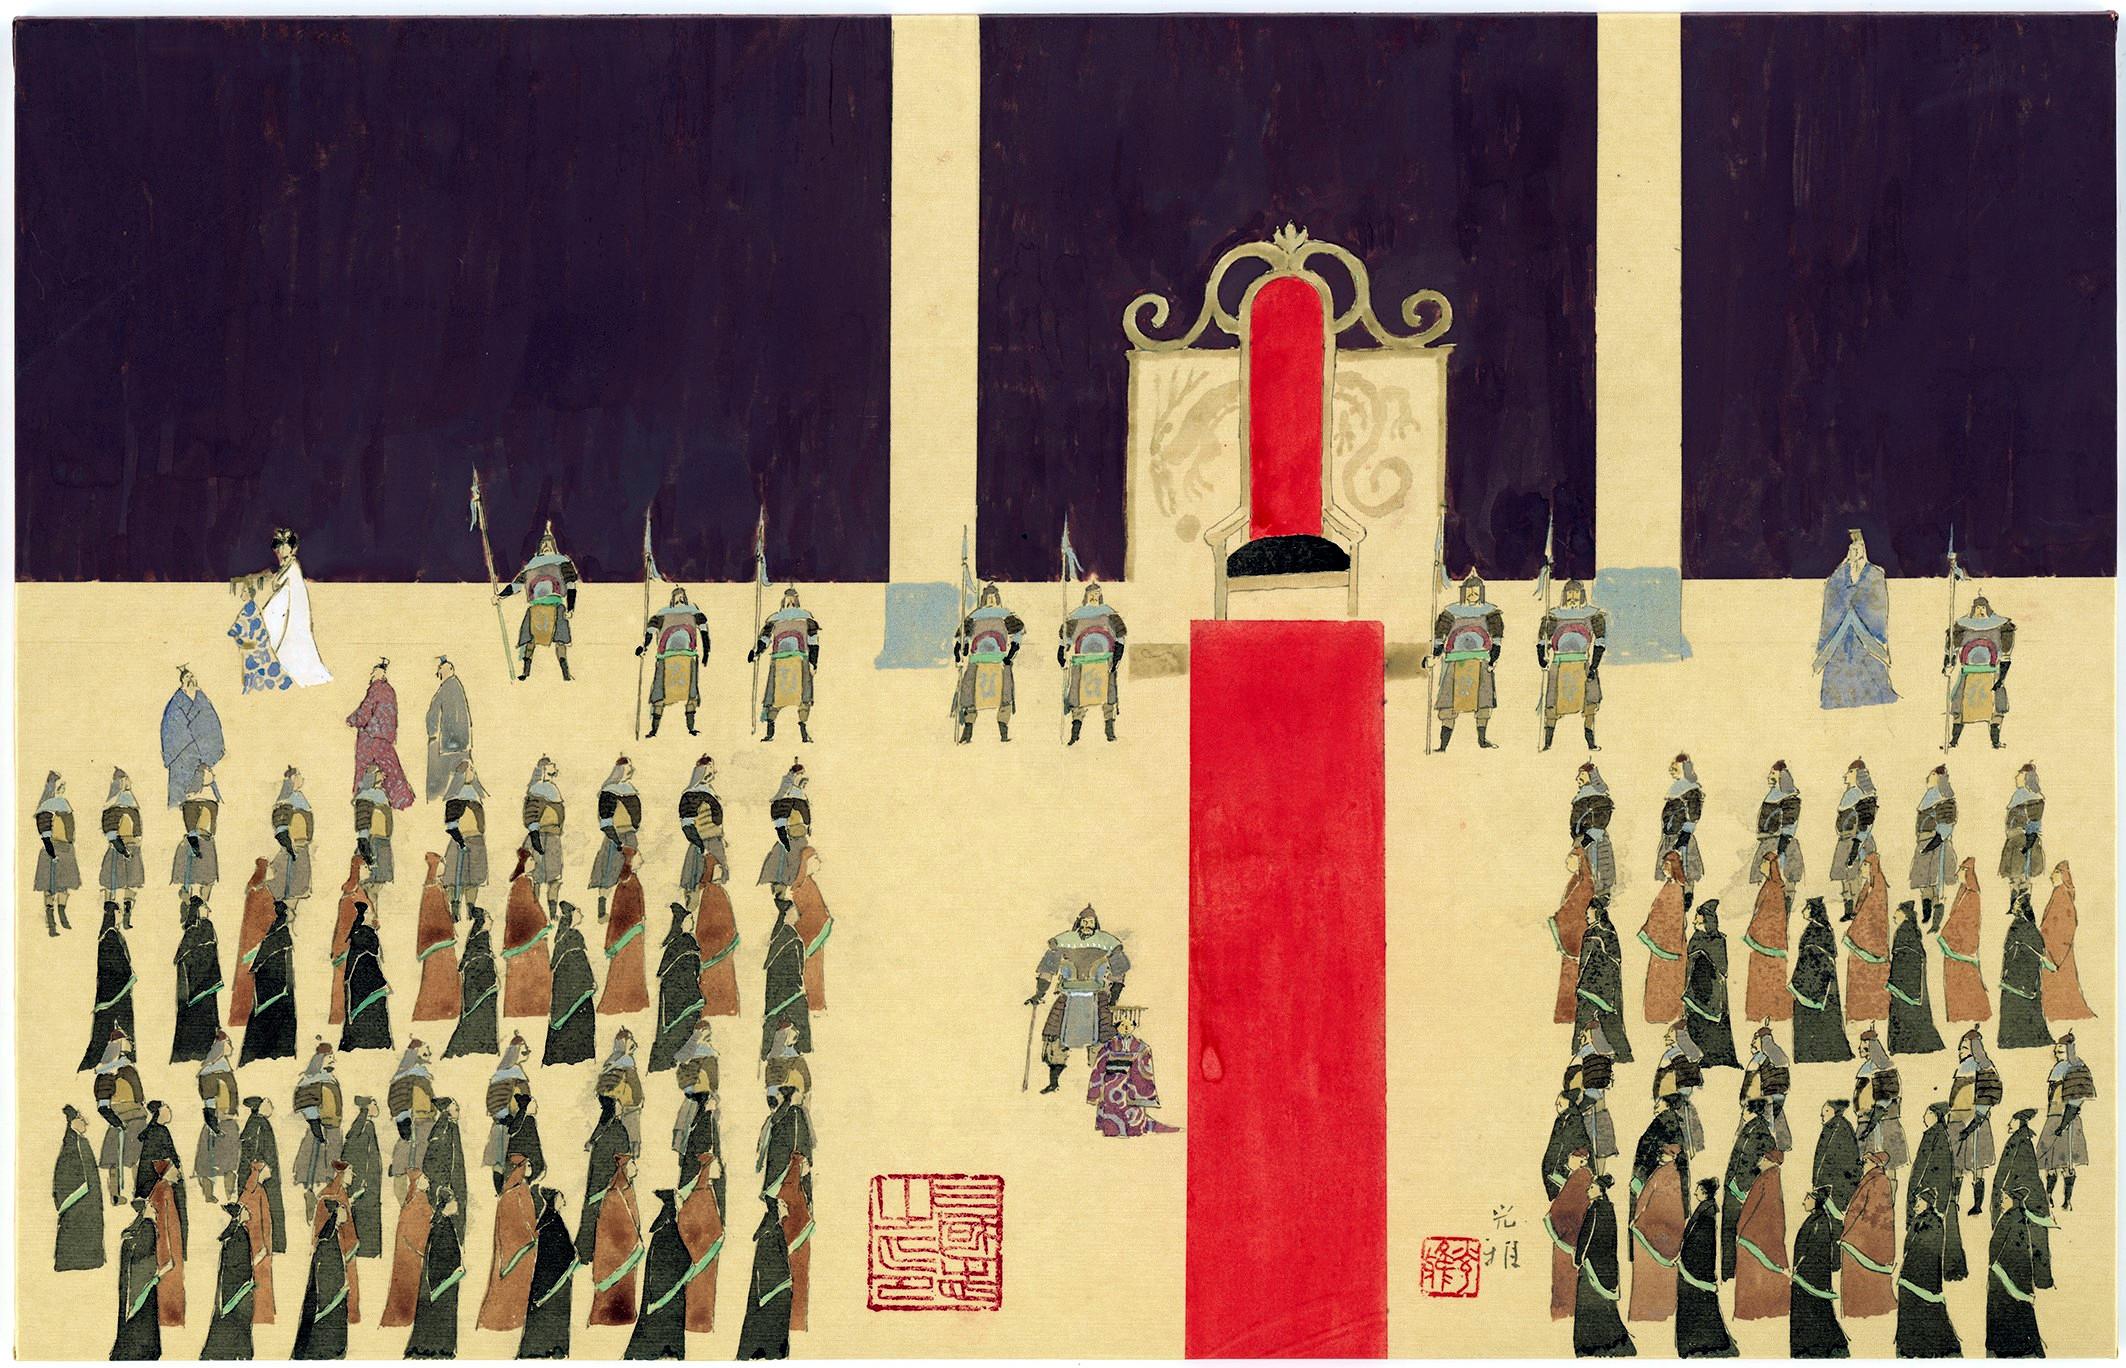 『繪本 三國志』「皇帝更迭」2010年 (C)空想工房